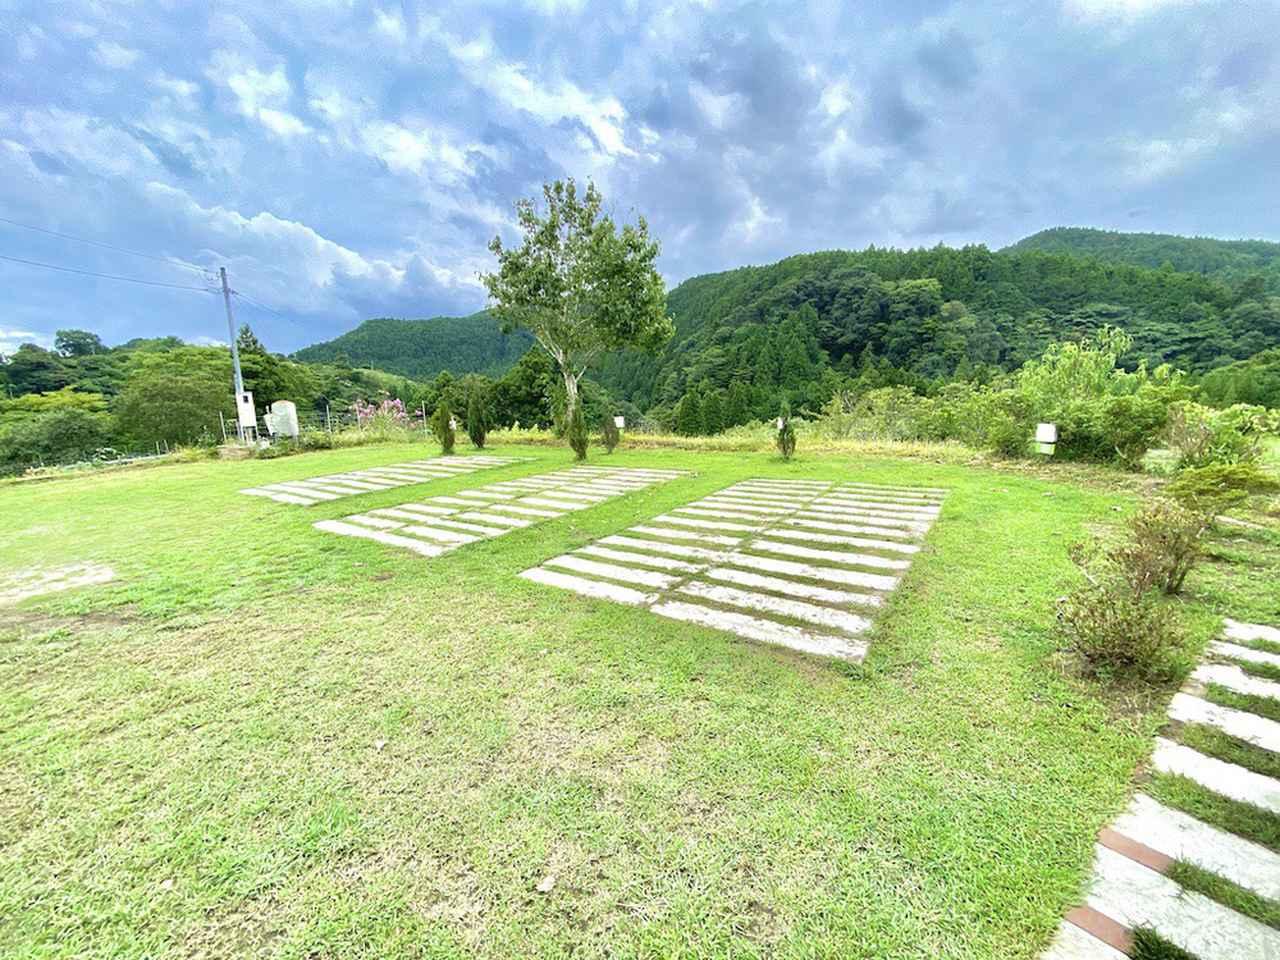 画像: RVパーク施設情報 RVパーク七里川(千葉県) くるま旅サイト